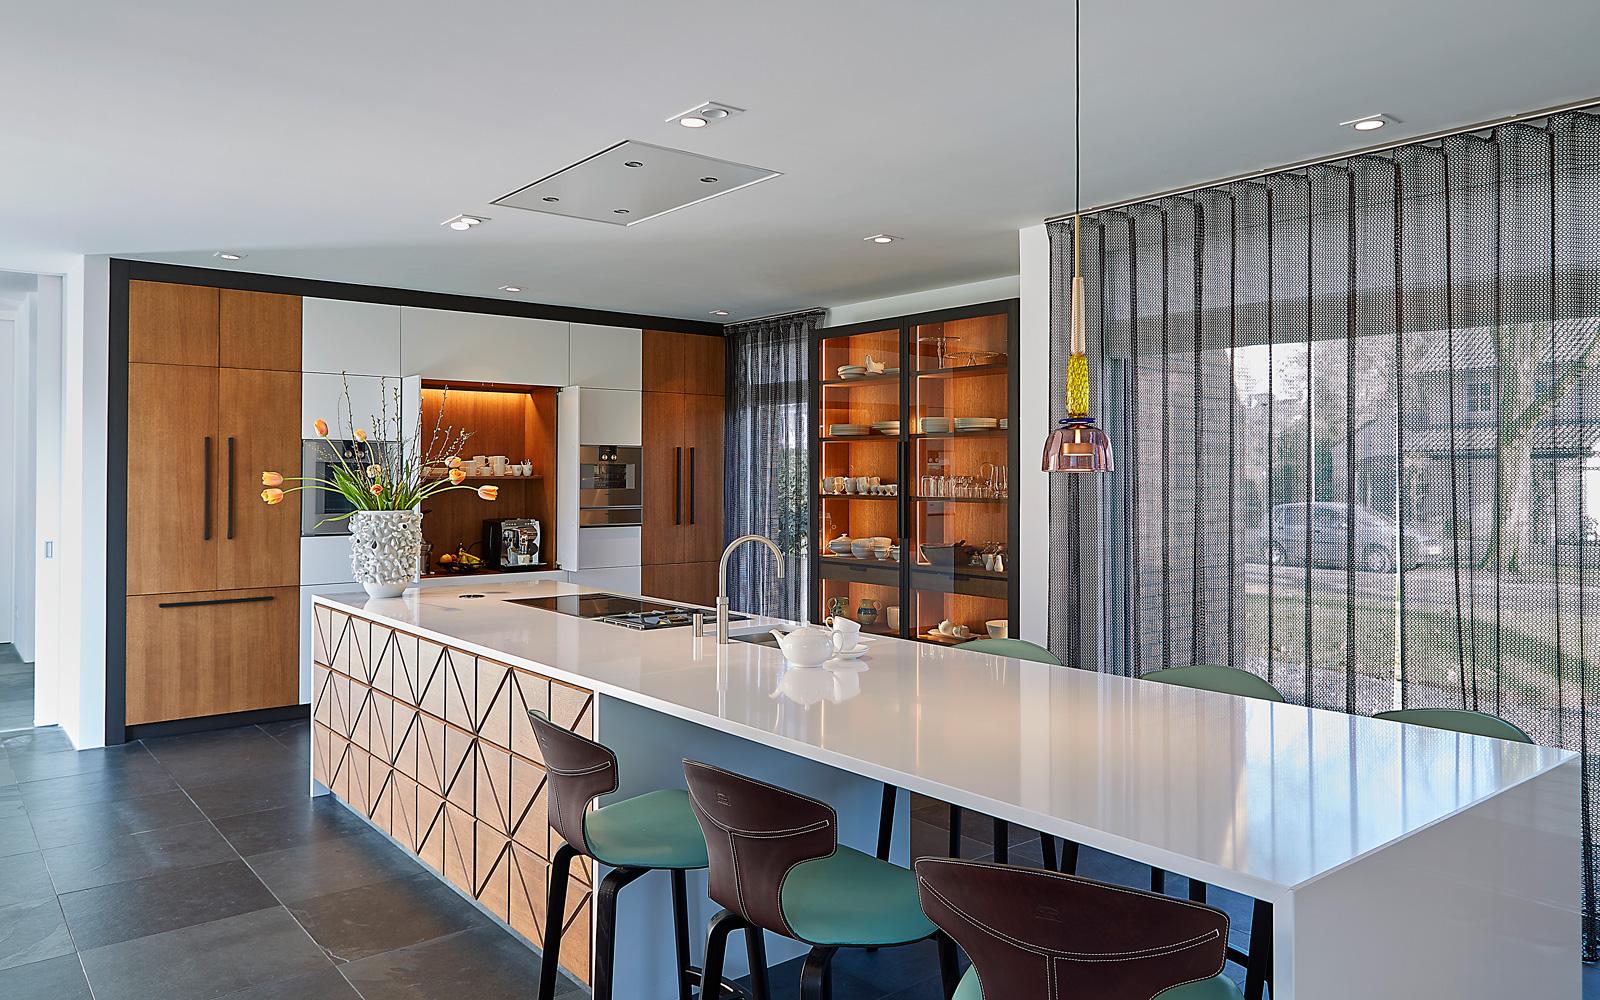 Exclusief wonen, The art of living, Exclusieve keuken, Kookeiland, Tegelvloer